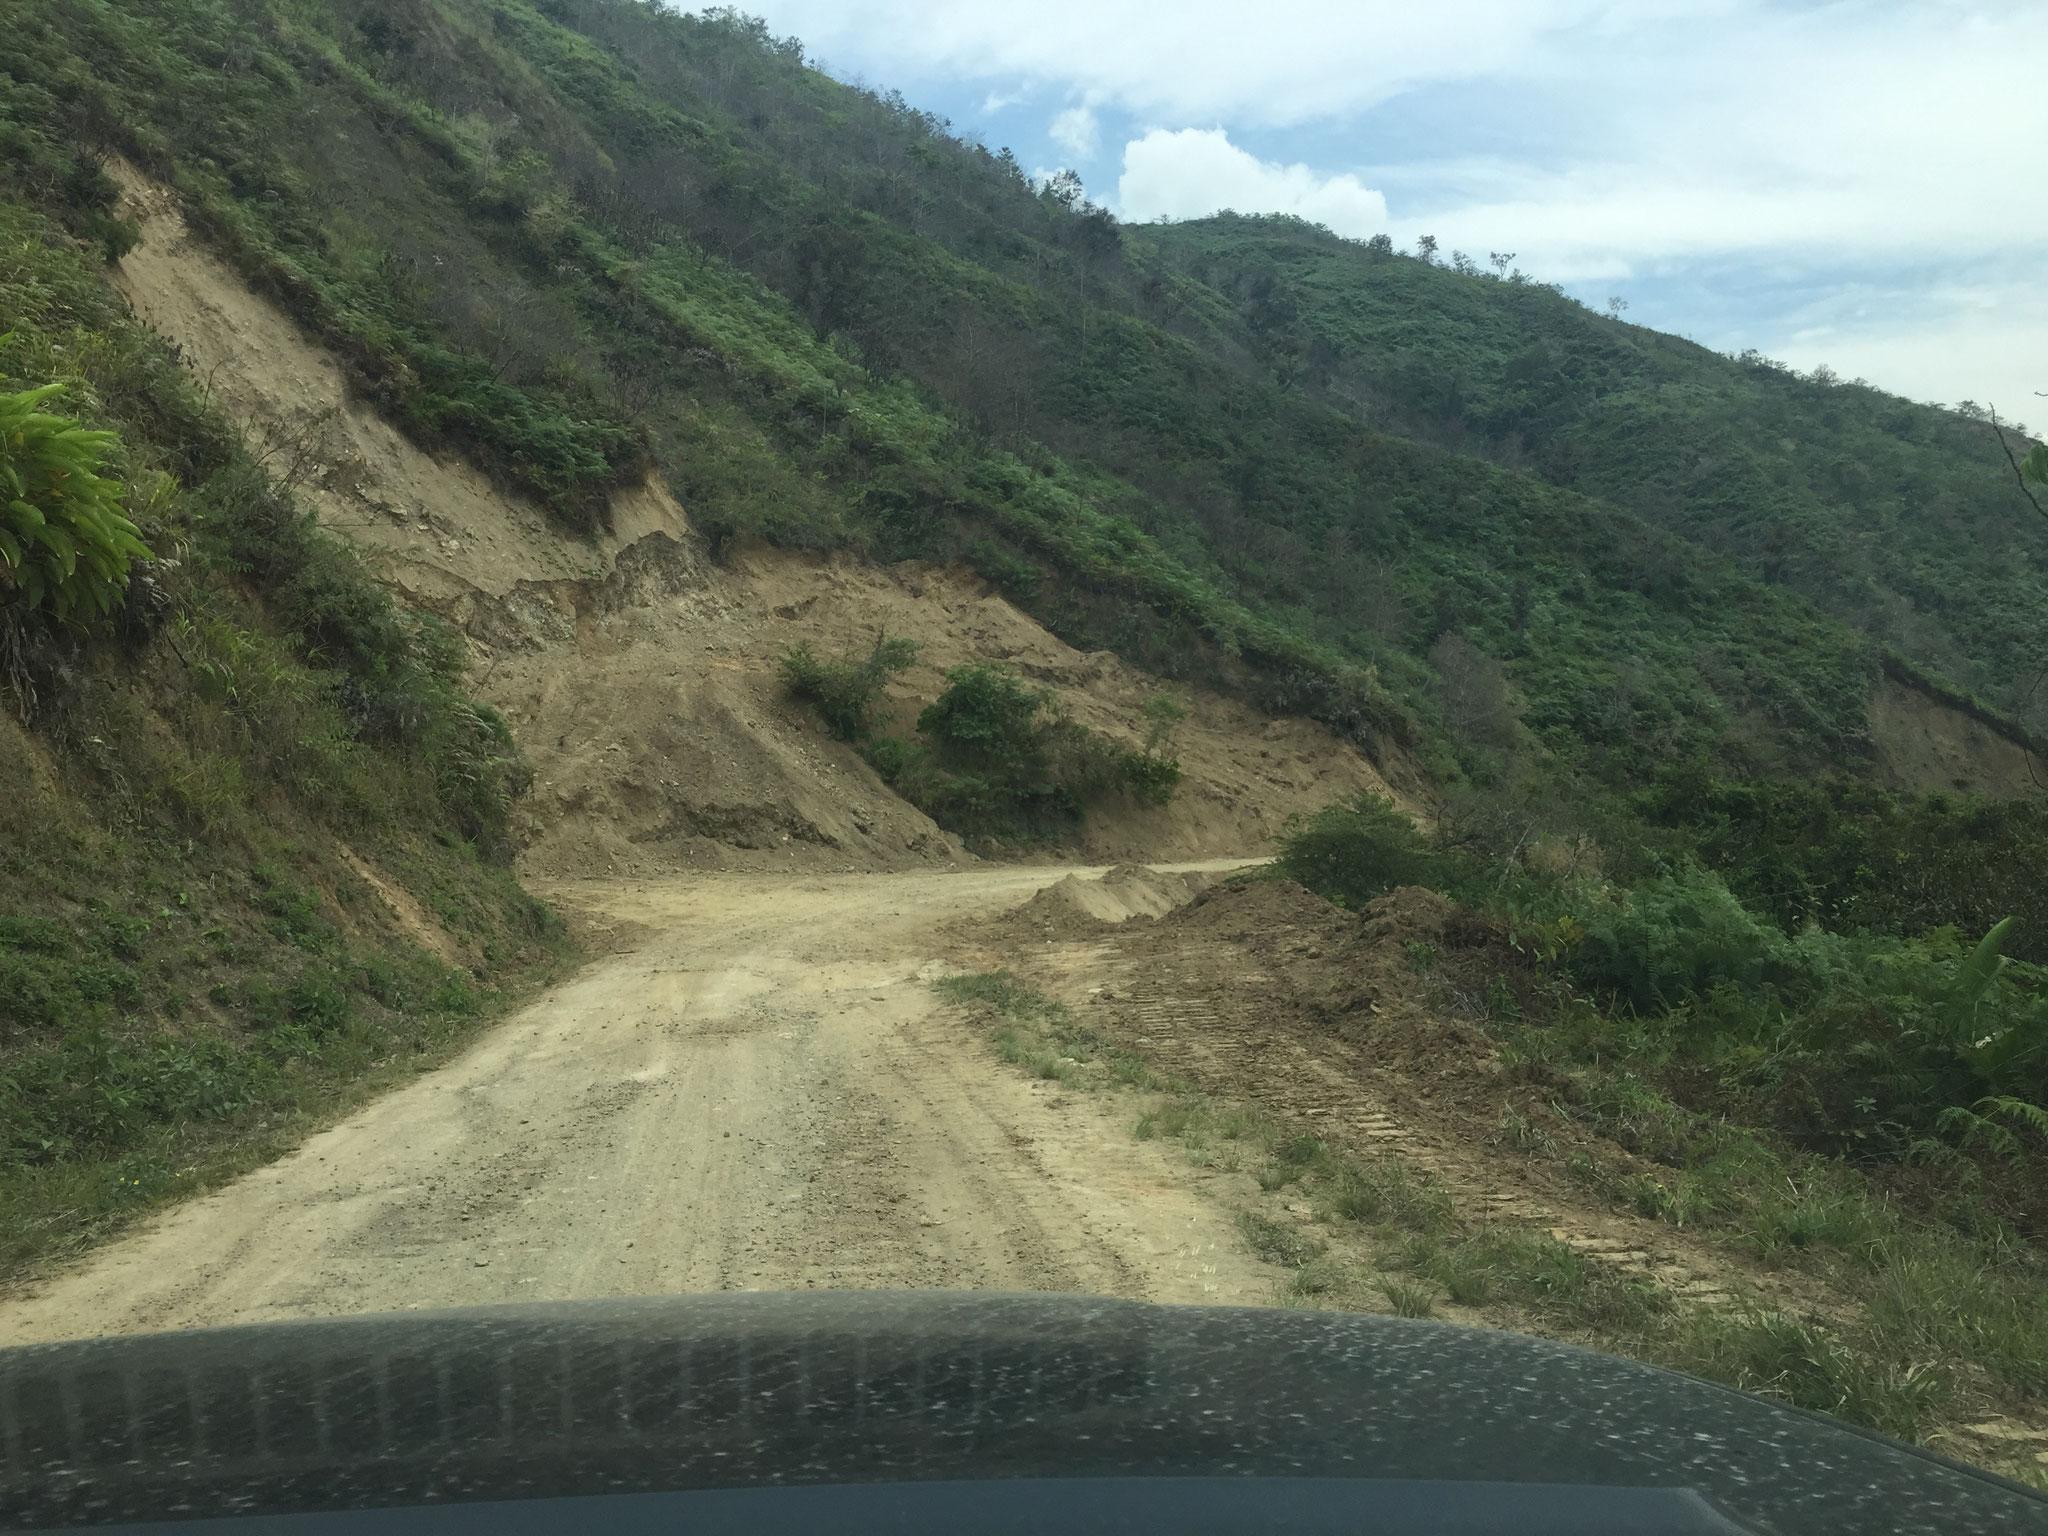 Strasse im Süden Ecuadors